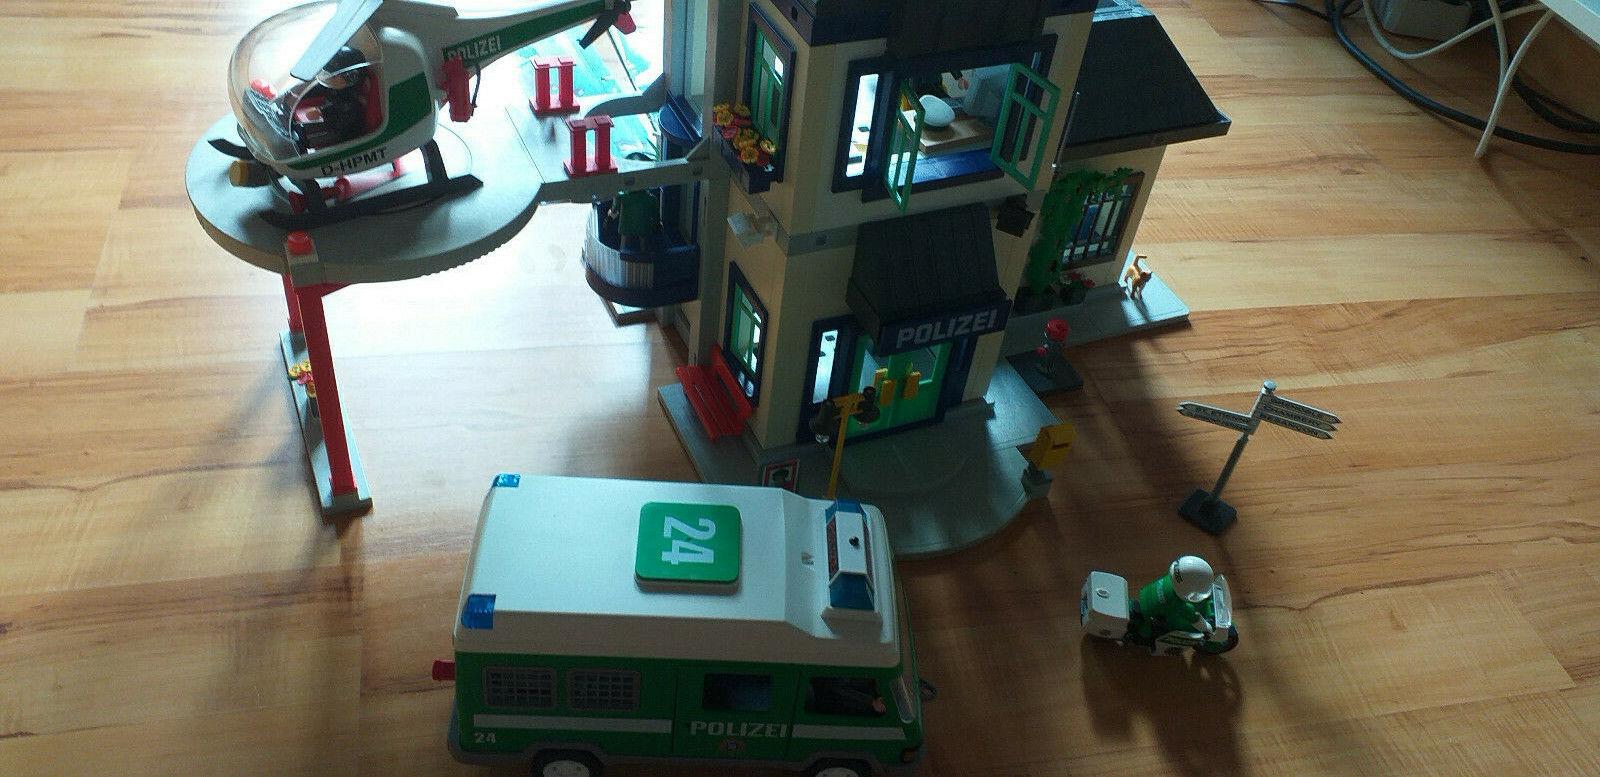 Große Playmobil Polizeistation 3988  3160  3907 usw.